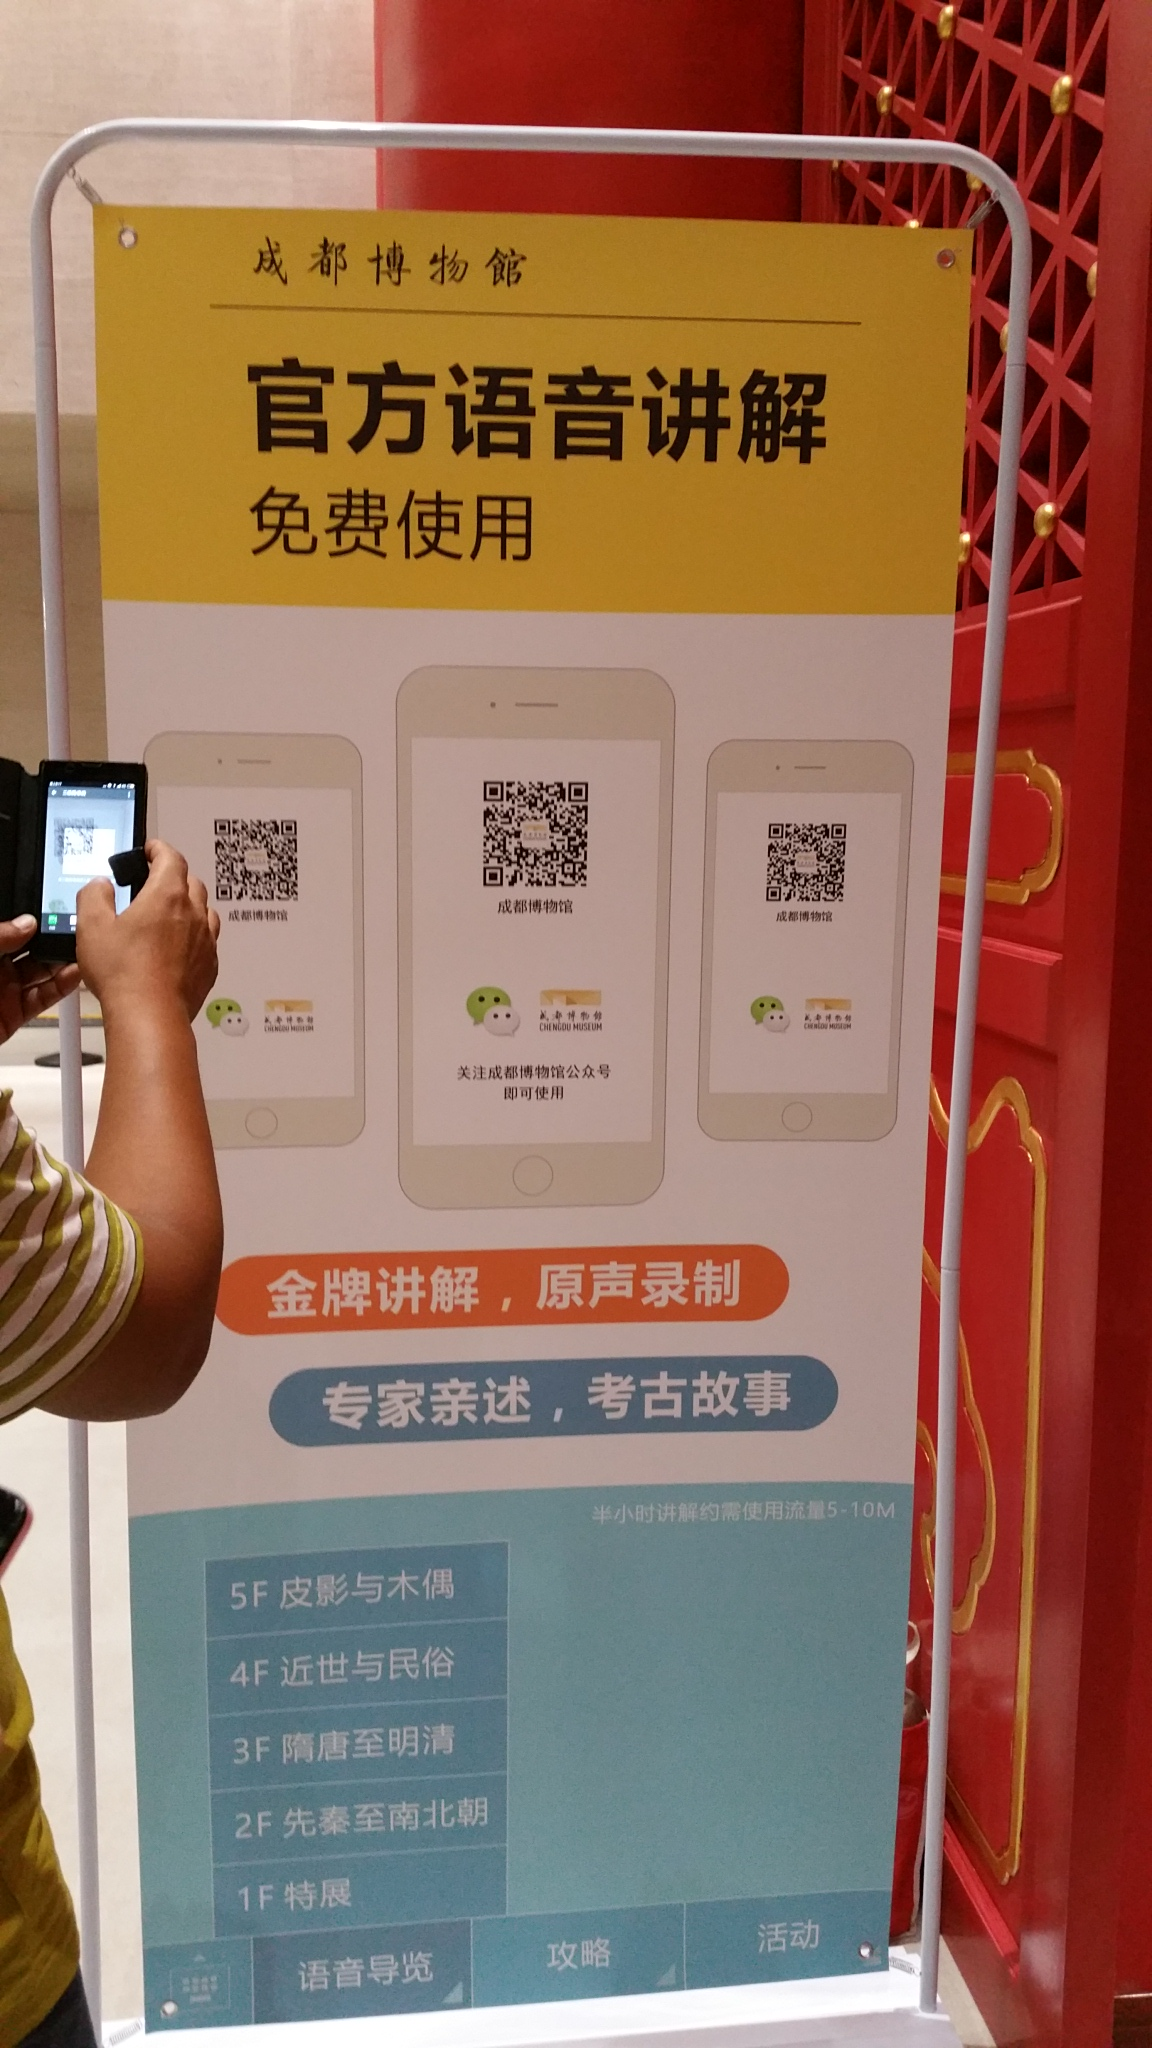 Información en código QR en el museo de Chengdu